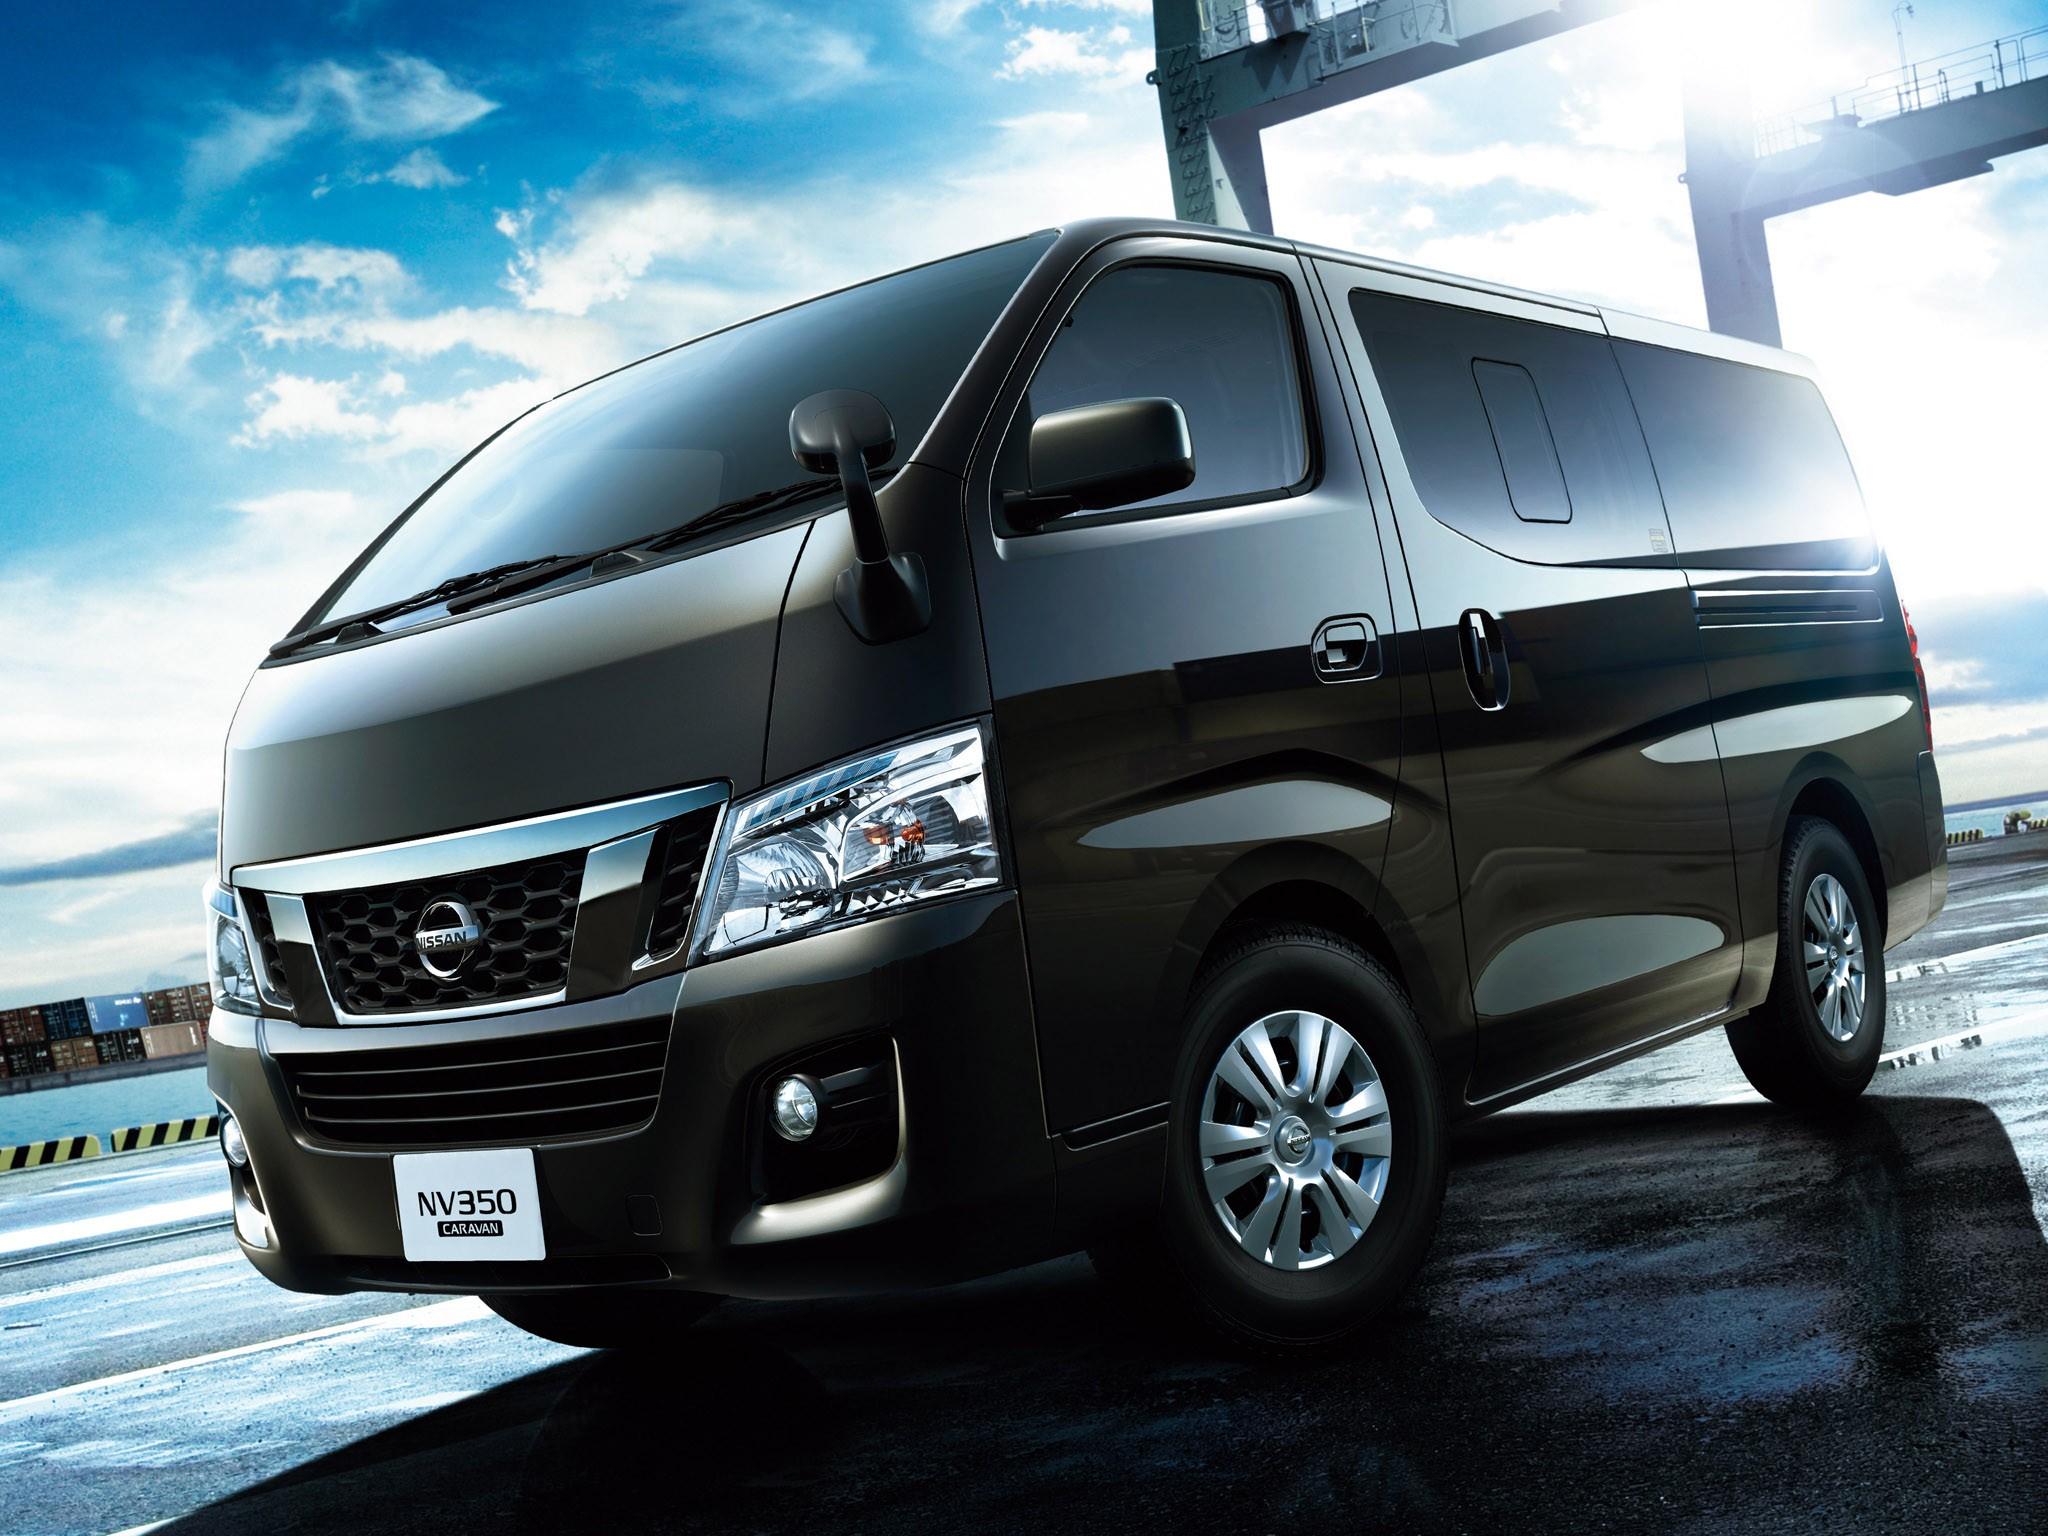 Cars Van Vehicle Nissan Nv350 Caravan Wallpaper